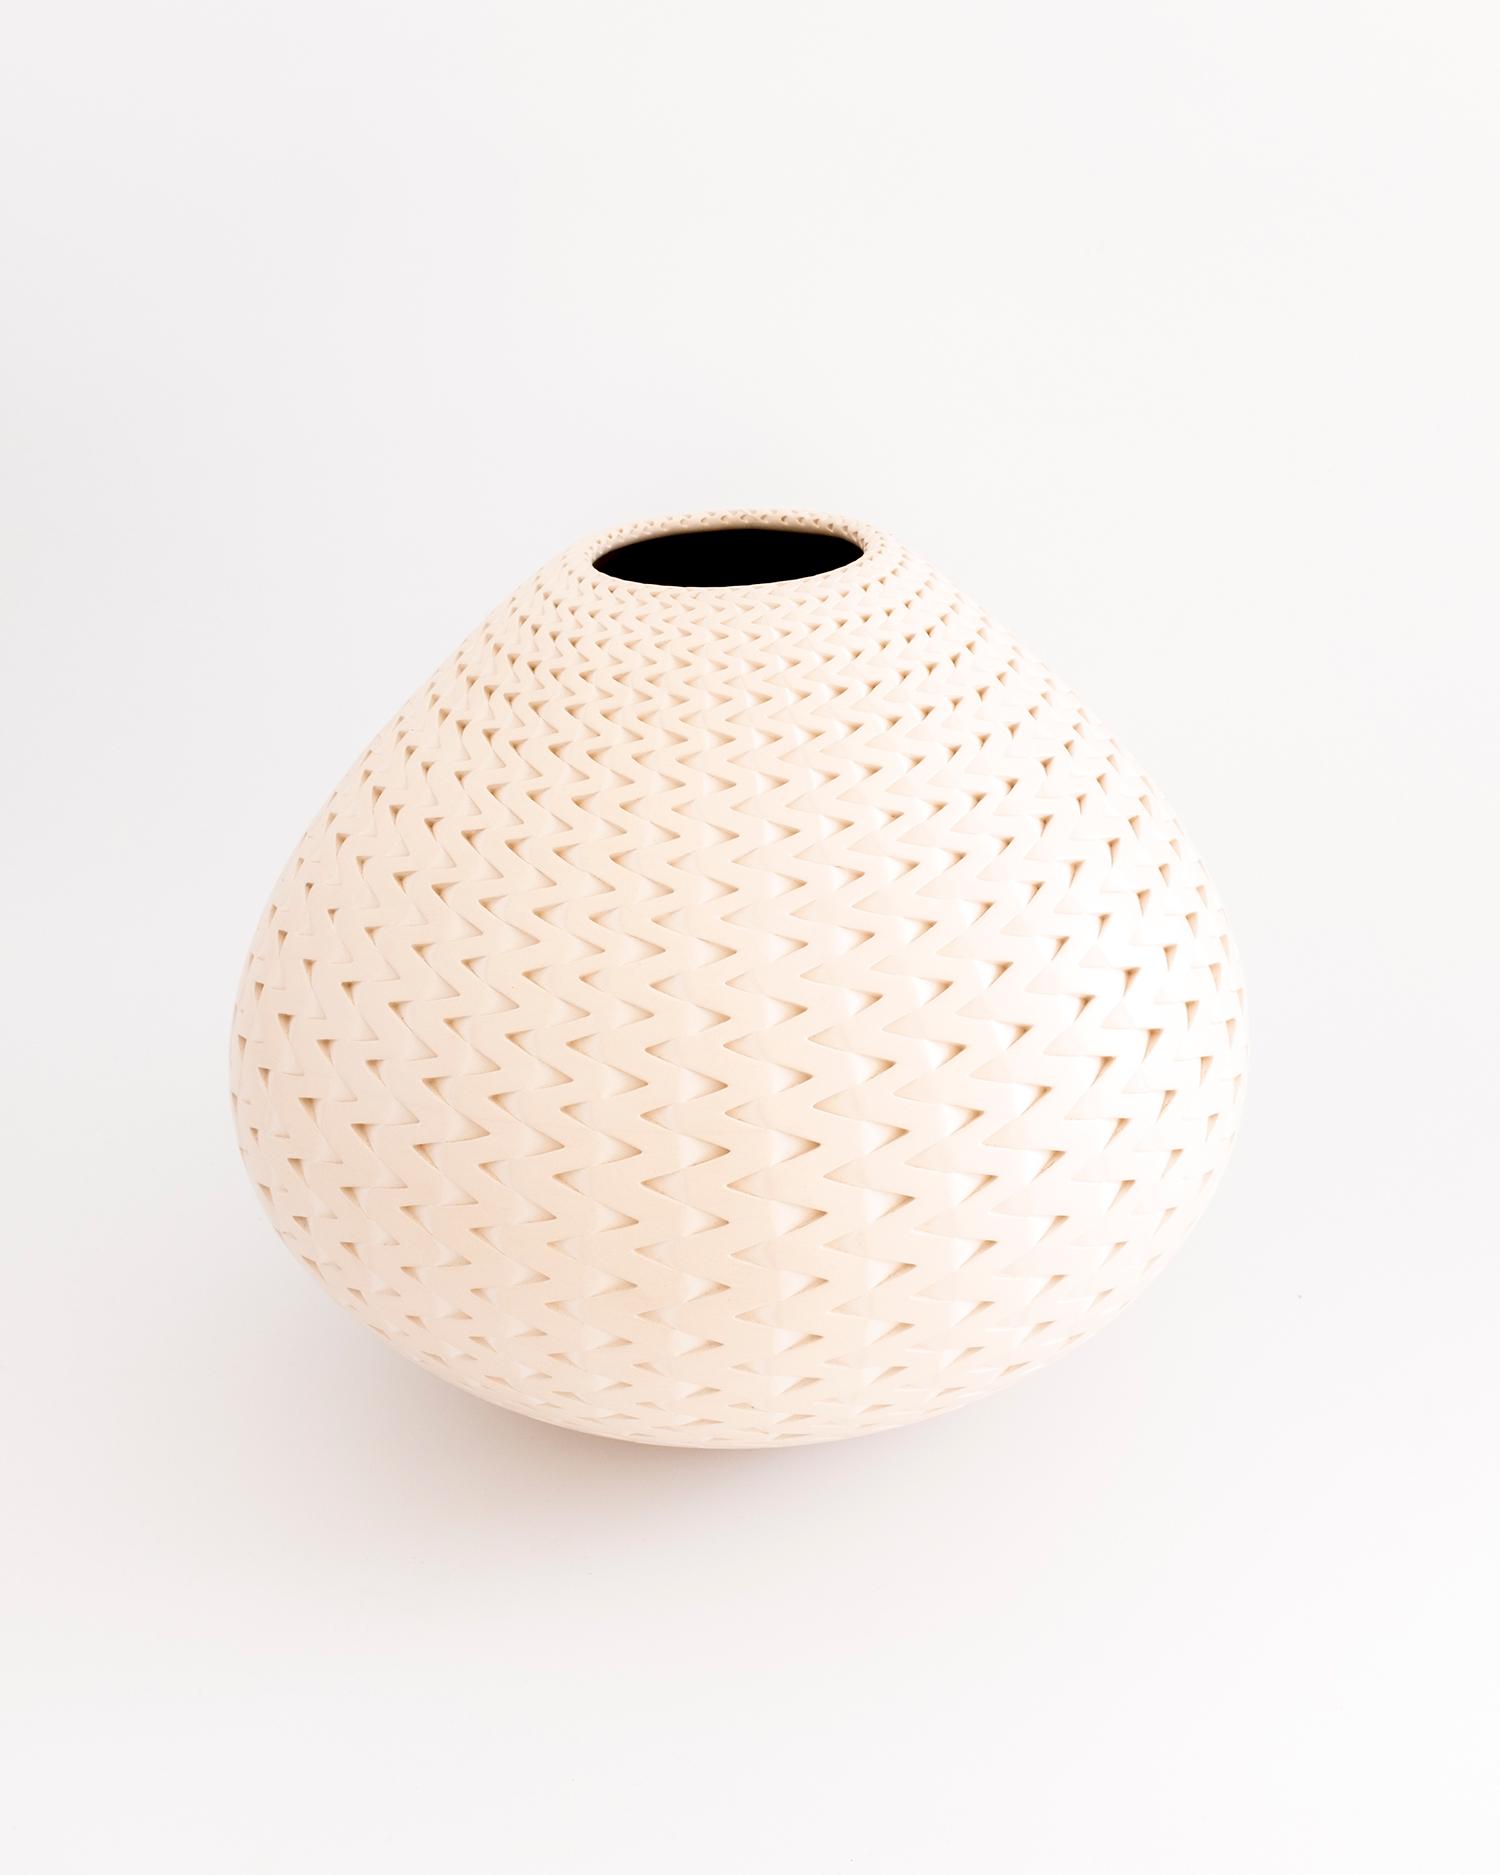 Michael Wisner, Vase